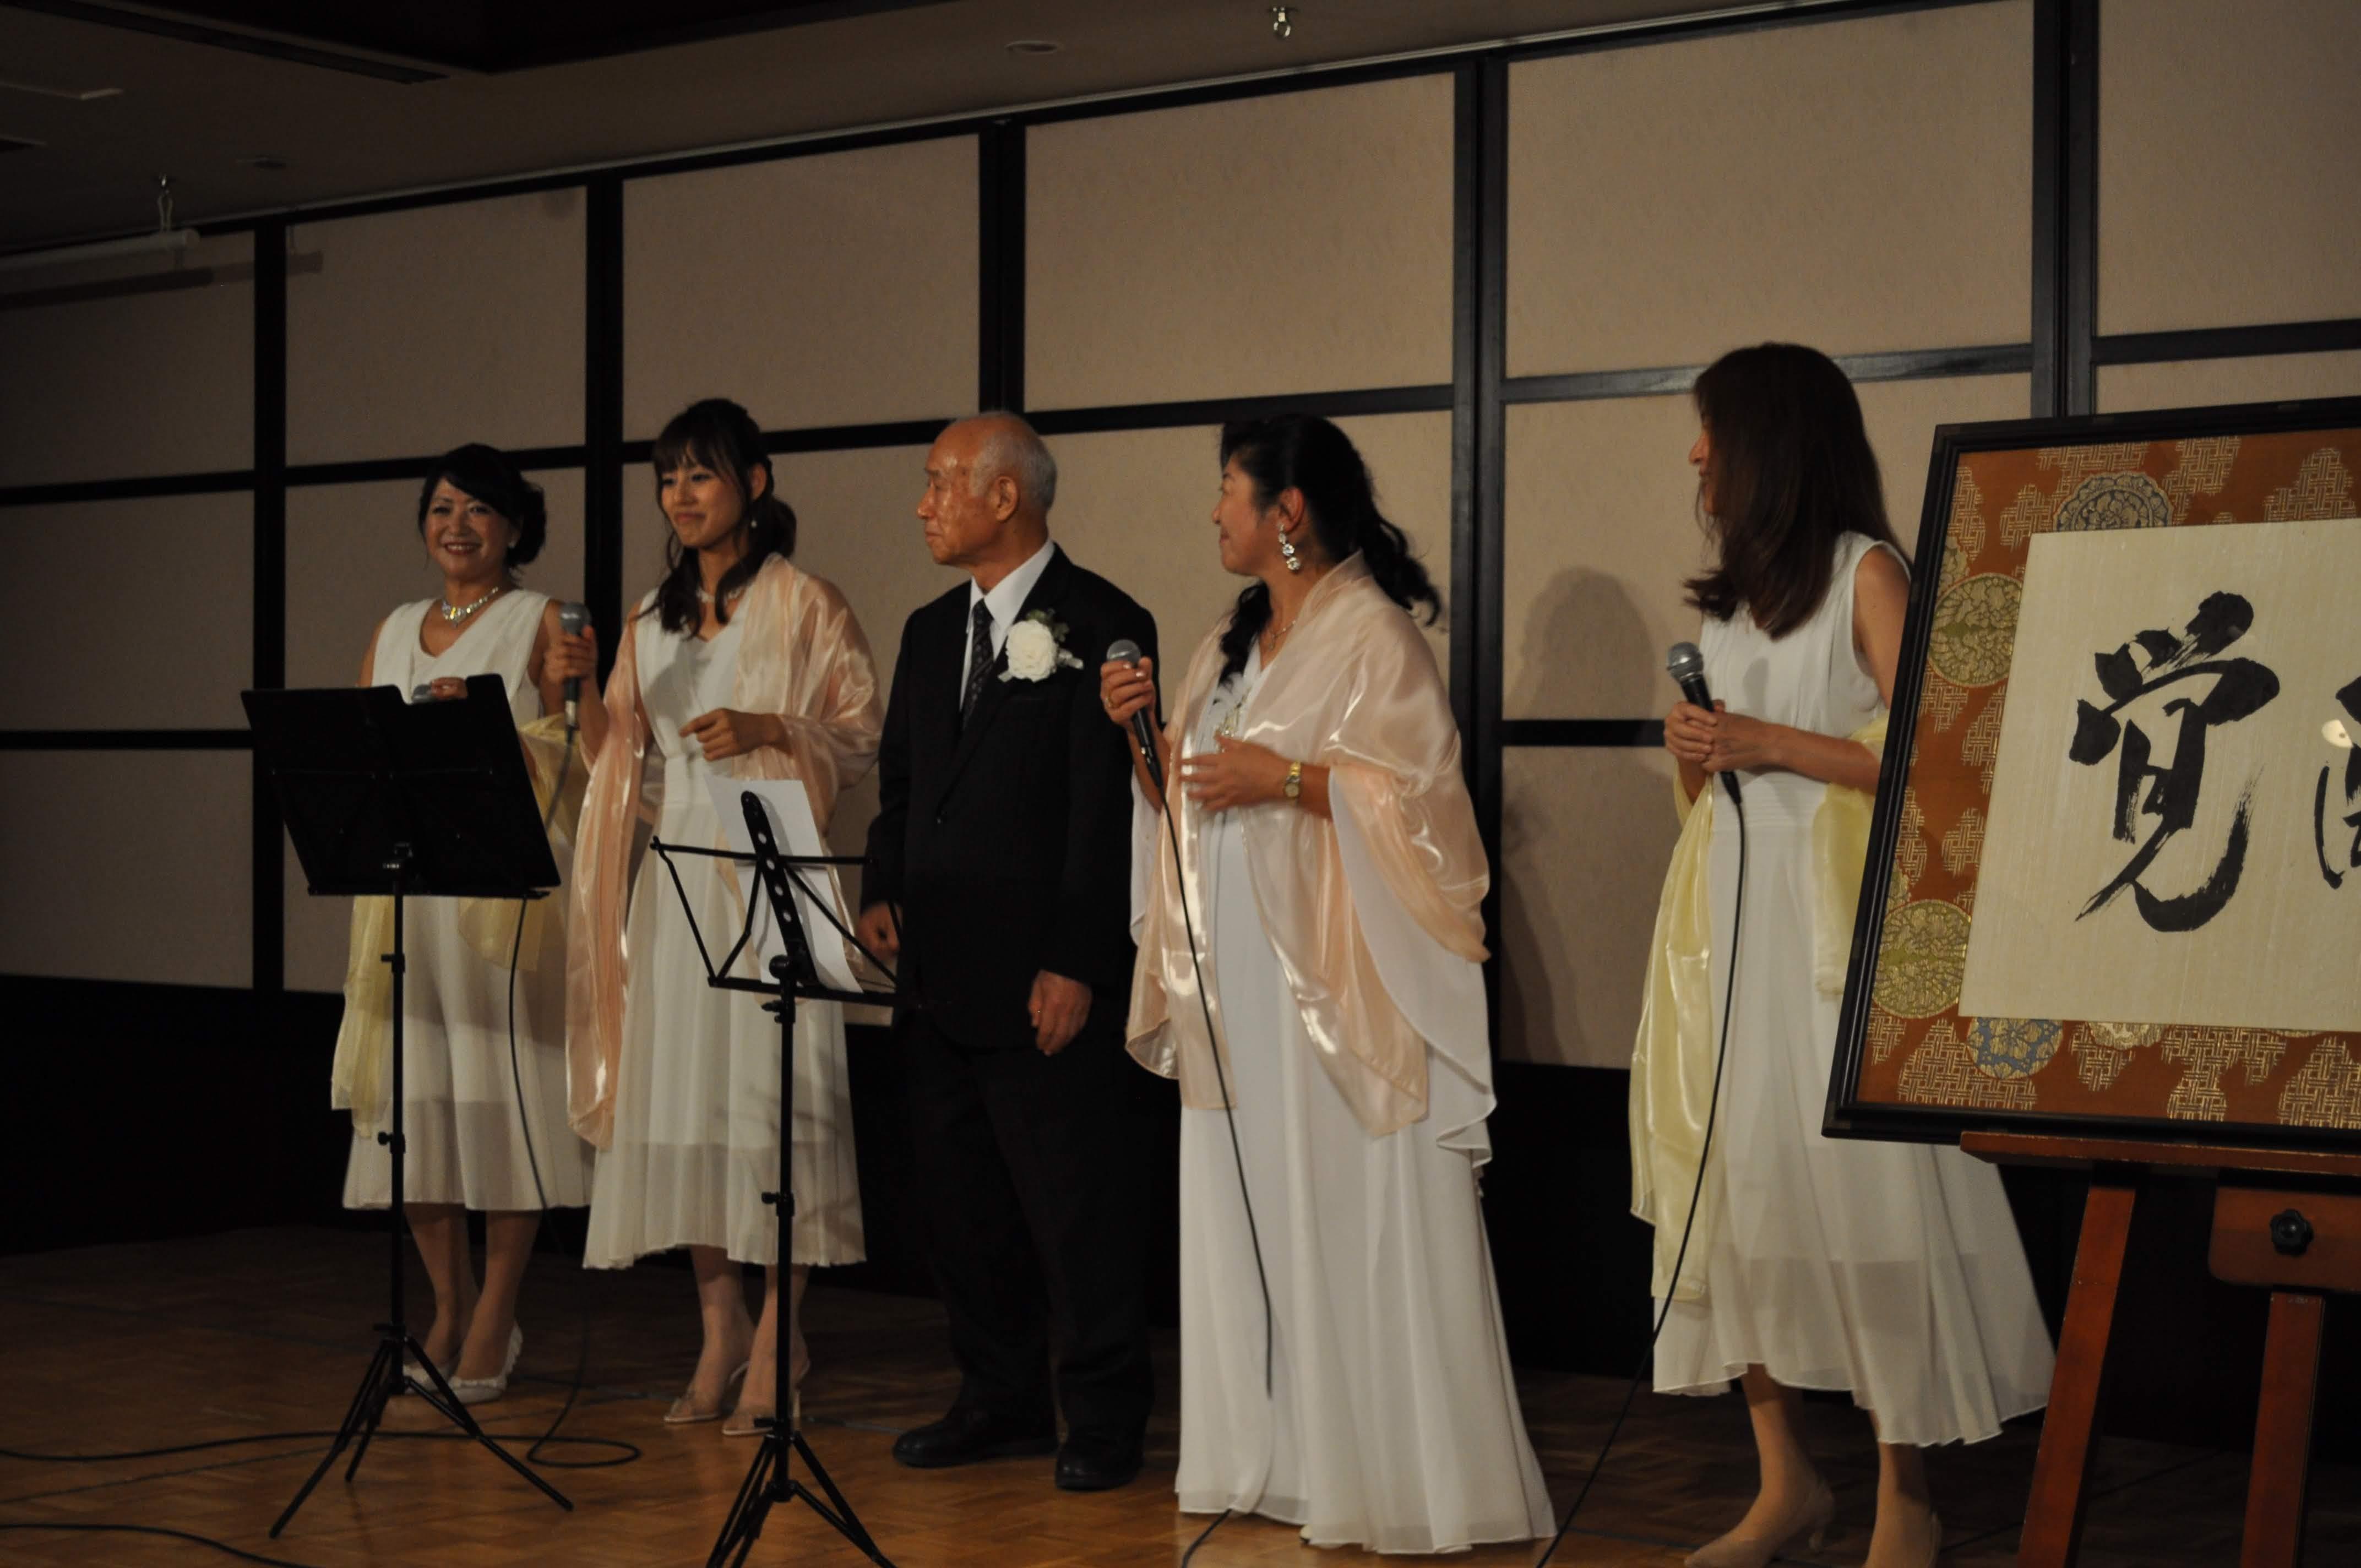 DSC 0522 1 - 思風会全国大会in広島